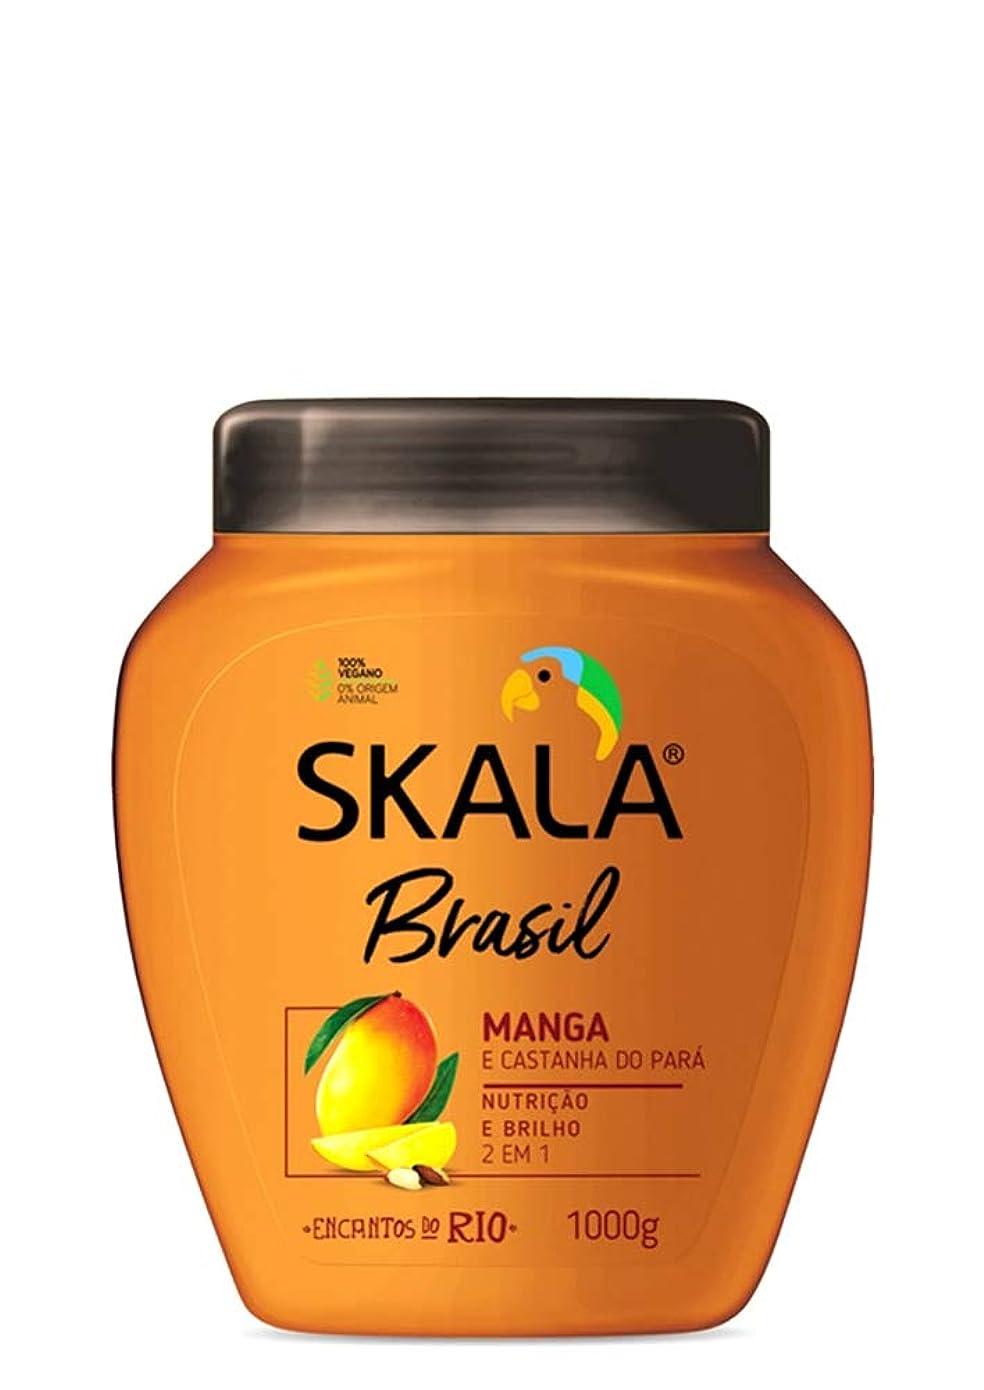 準備するファンドインフラSkala Brasil スカラブラジル マンゴー&パラ栗 オールヘア用 2イン1 トリートメントクリーム 1kg